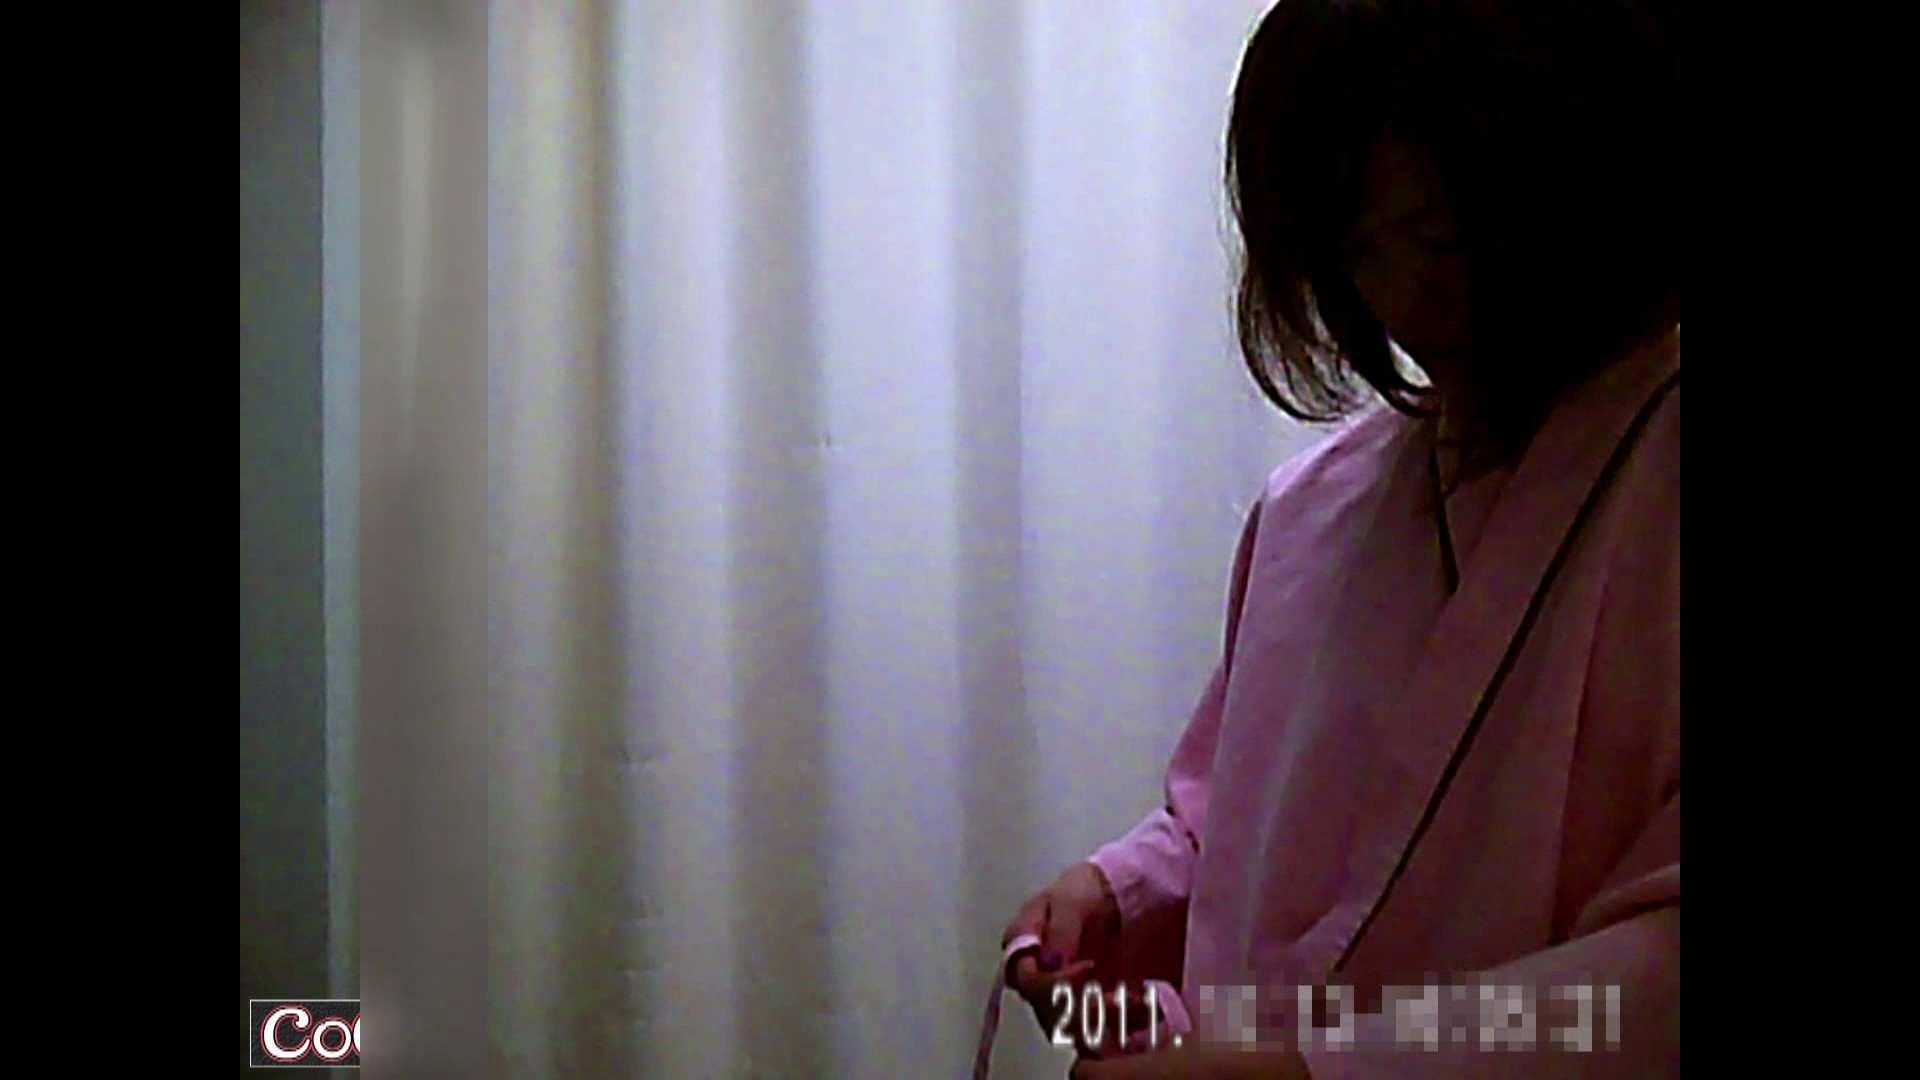 病院おもいっきり着替え! vol.58 乳首 オマンコ無修正動画無料 86画像 4